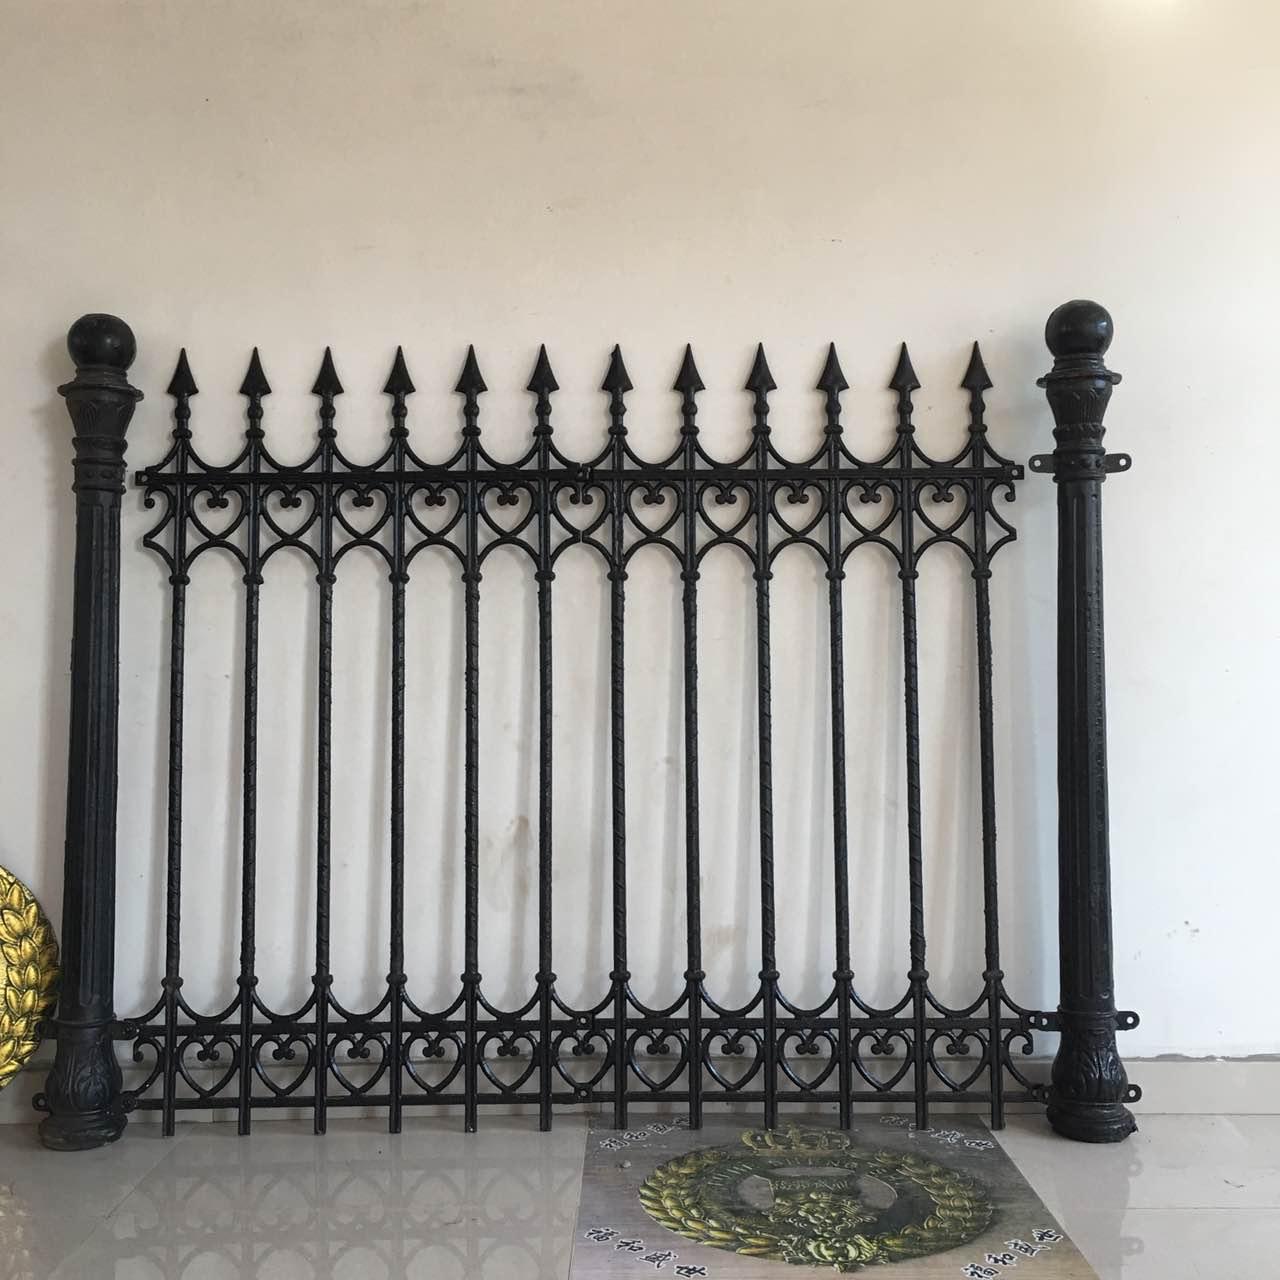 景观铸铁护栏围栏_园艺护栏厂家电话-普罗盾智能科技山东有限企业